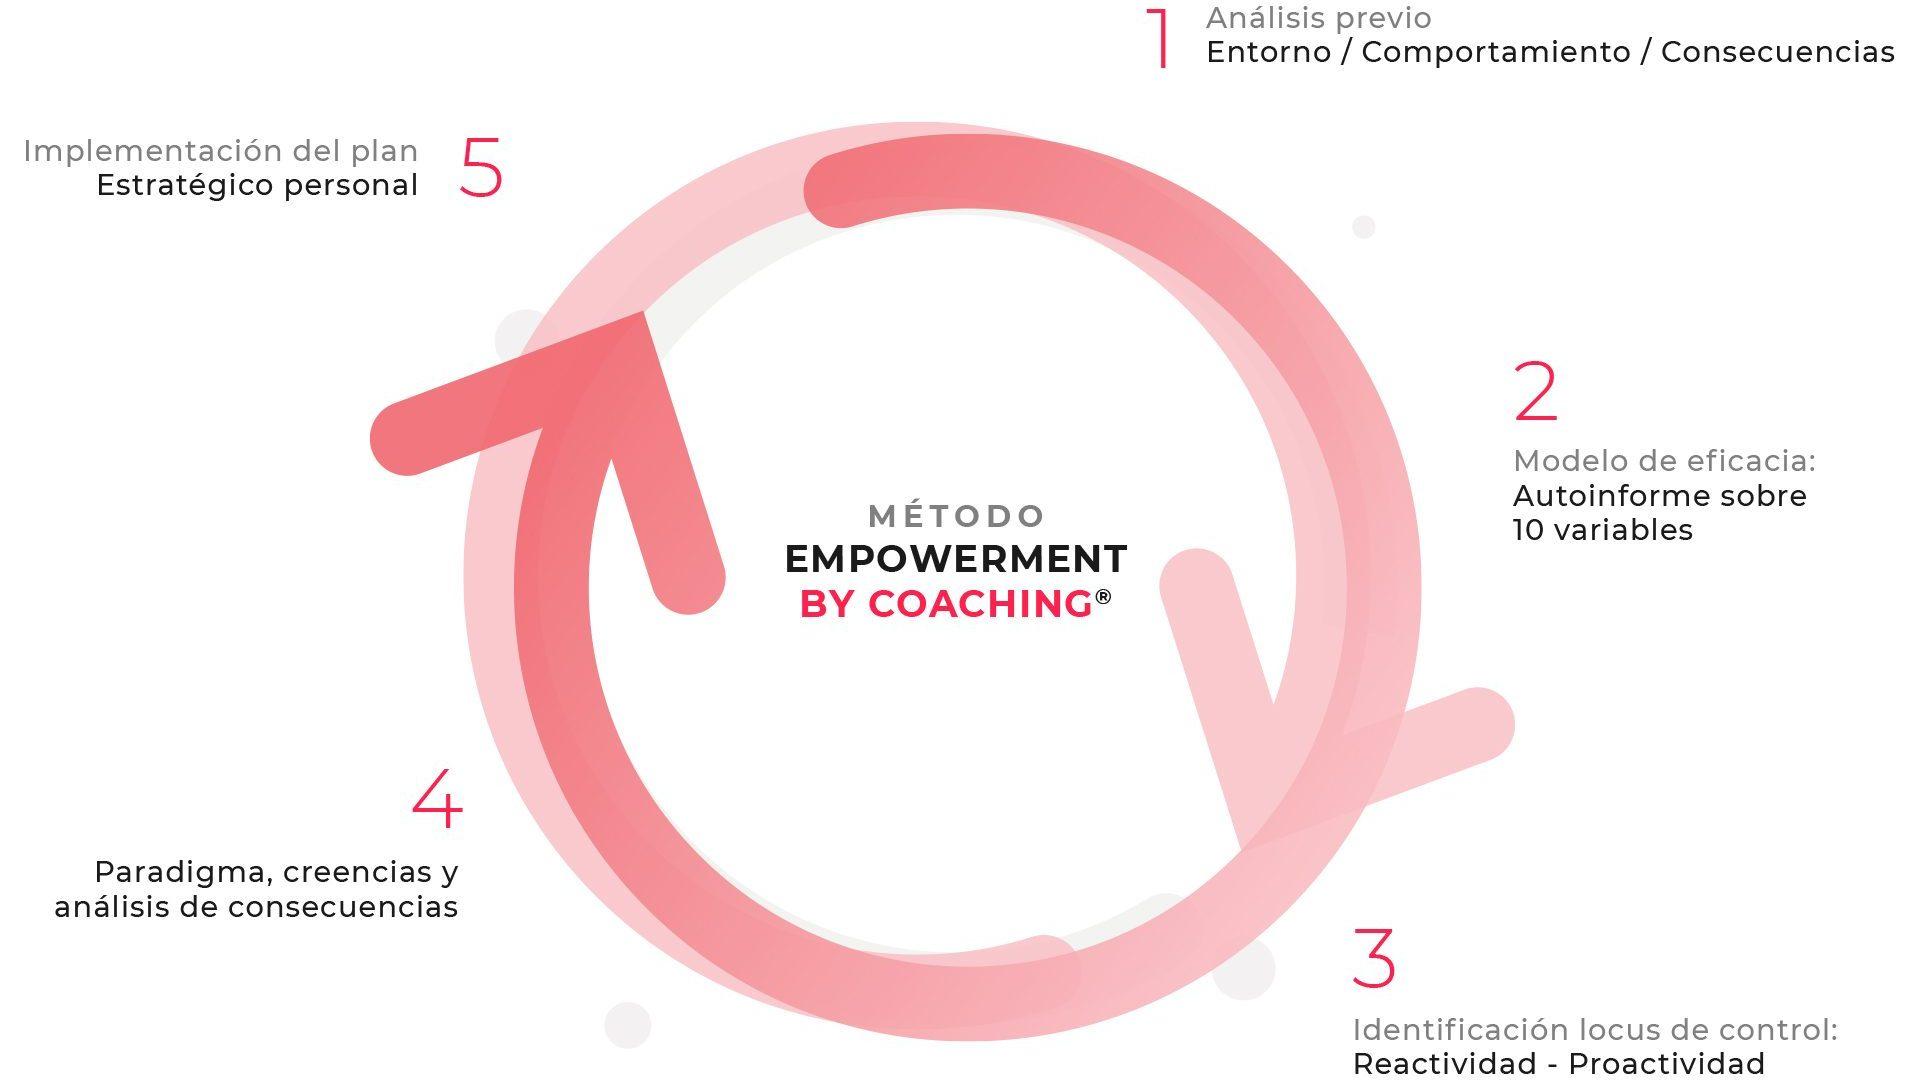 Método empowerment by coaching